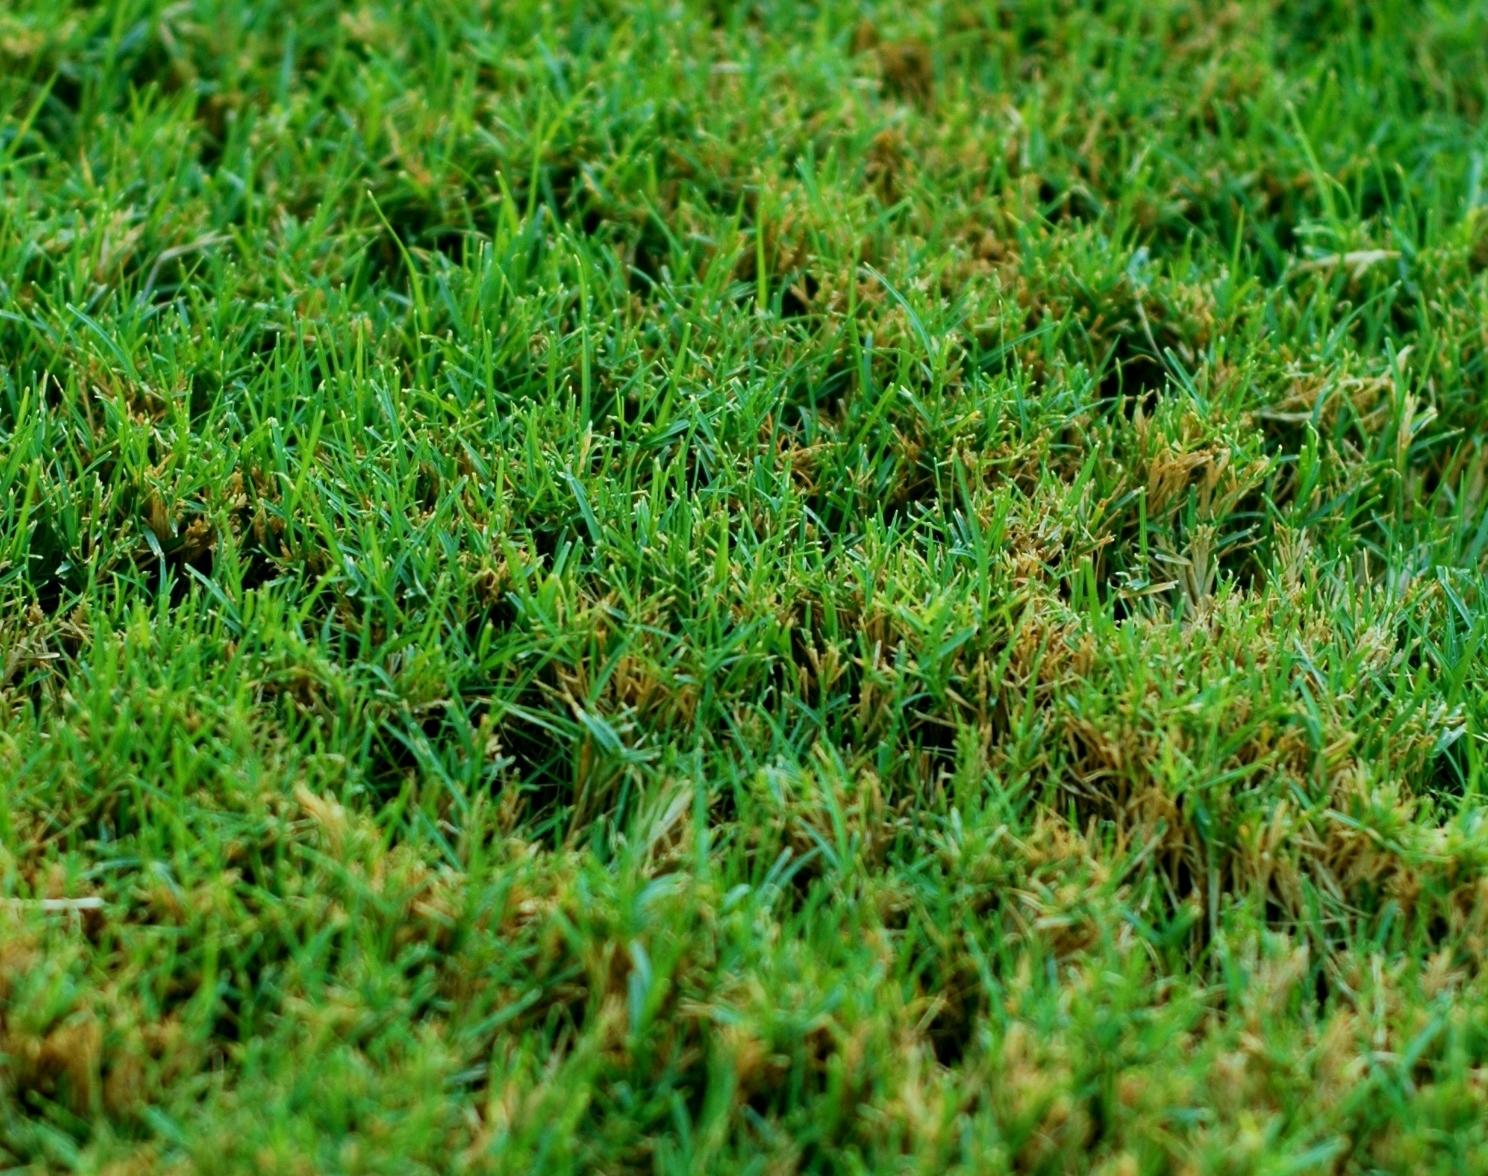 מודרני דשא טבעי - קטלוג סוגי דשא מוכן למכירה - מחיר מבצע - MyGan HK-45